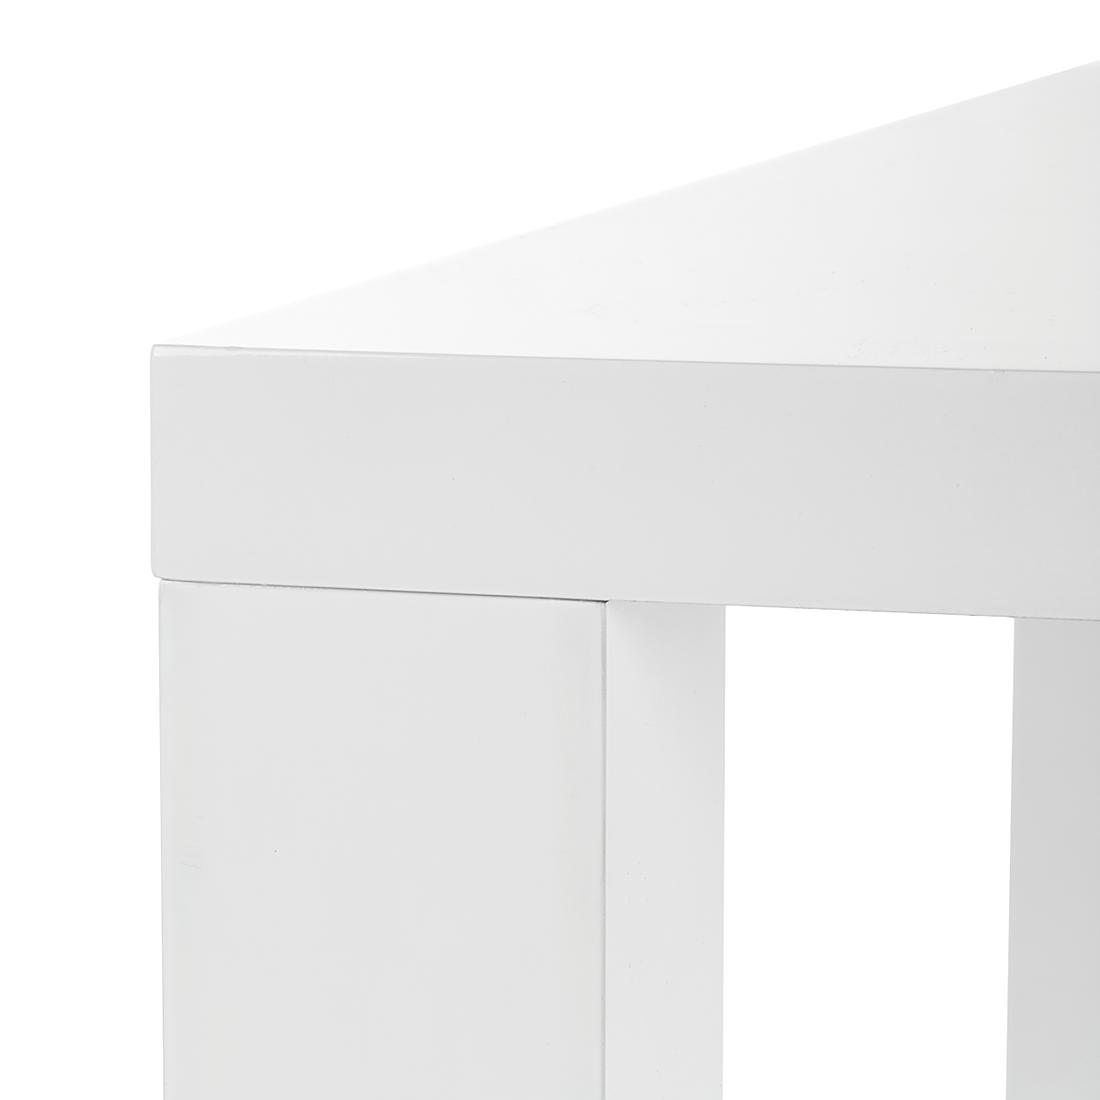 Küche Mit Bar Tresen Theke In Der Küche Holztresen: Bartisch Weiß Hochglanz Stehtisch -versch Größen- Bar Küche Theke Tresen Tisch